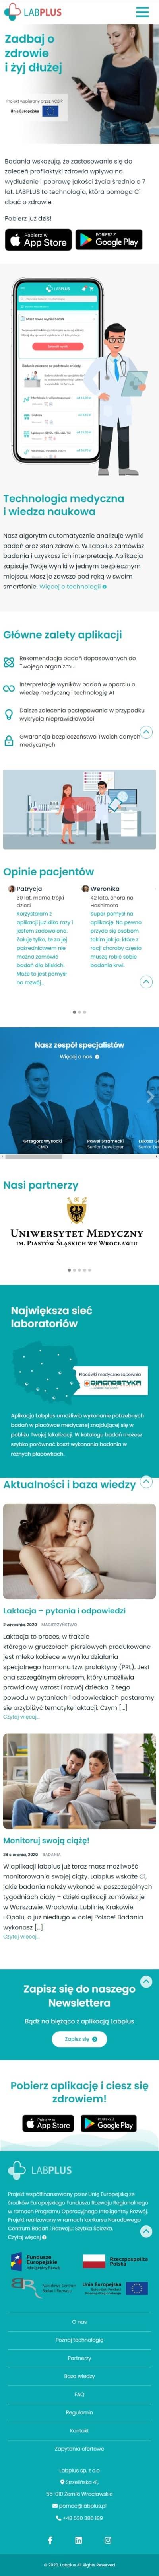 Strona internetowa labplus.pl - zrzut mobile